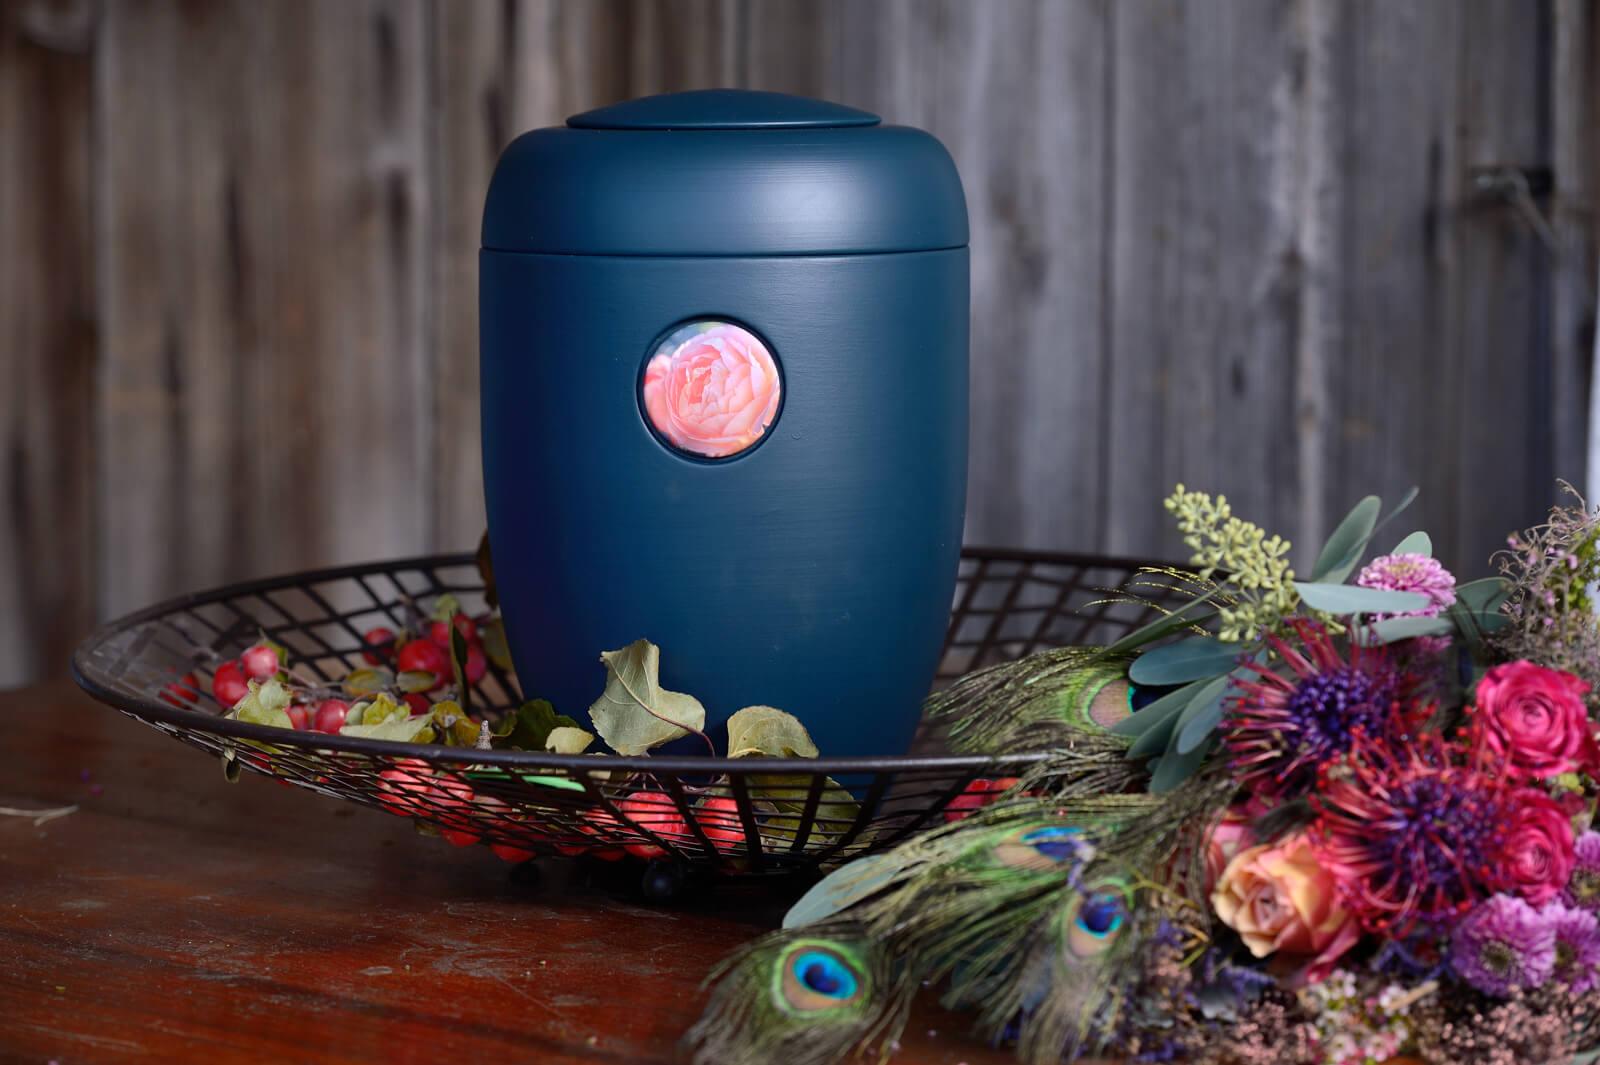 Tellergestell mit blauer Urne mit Rosensymbol